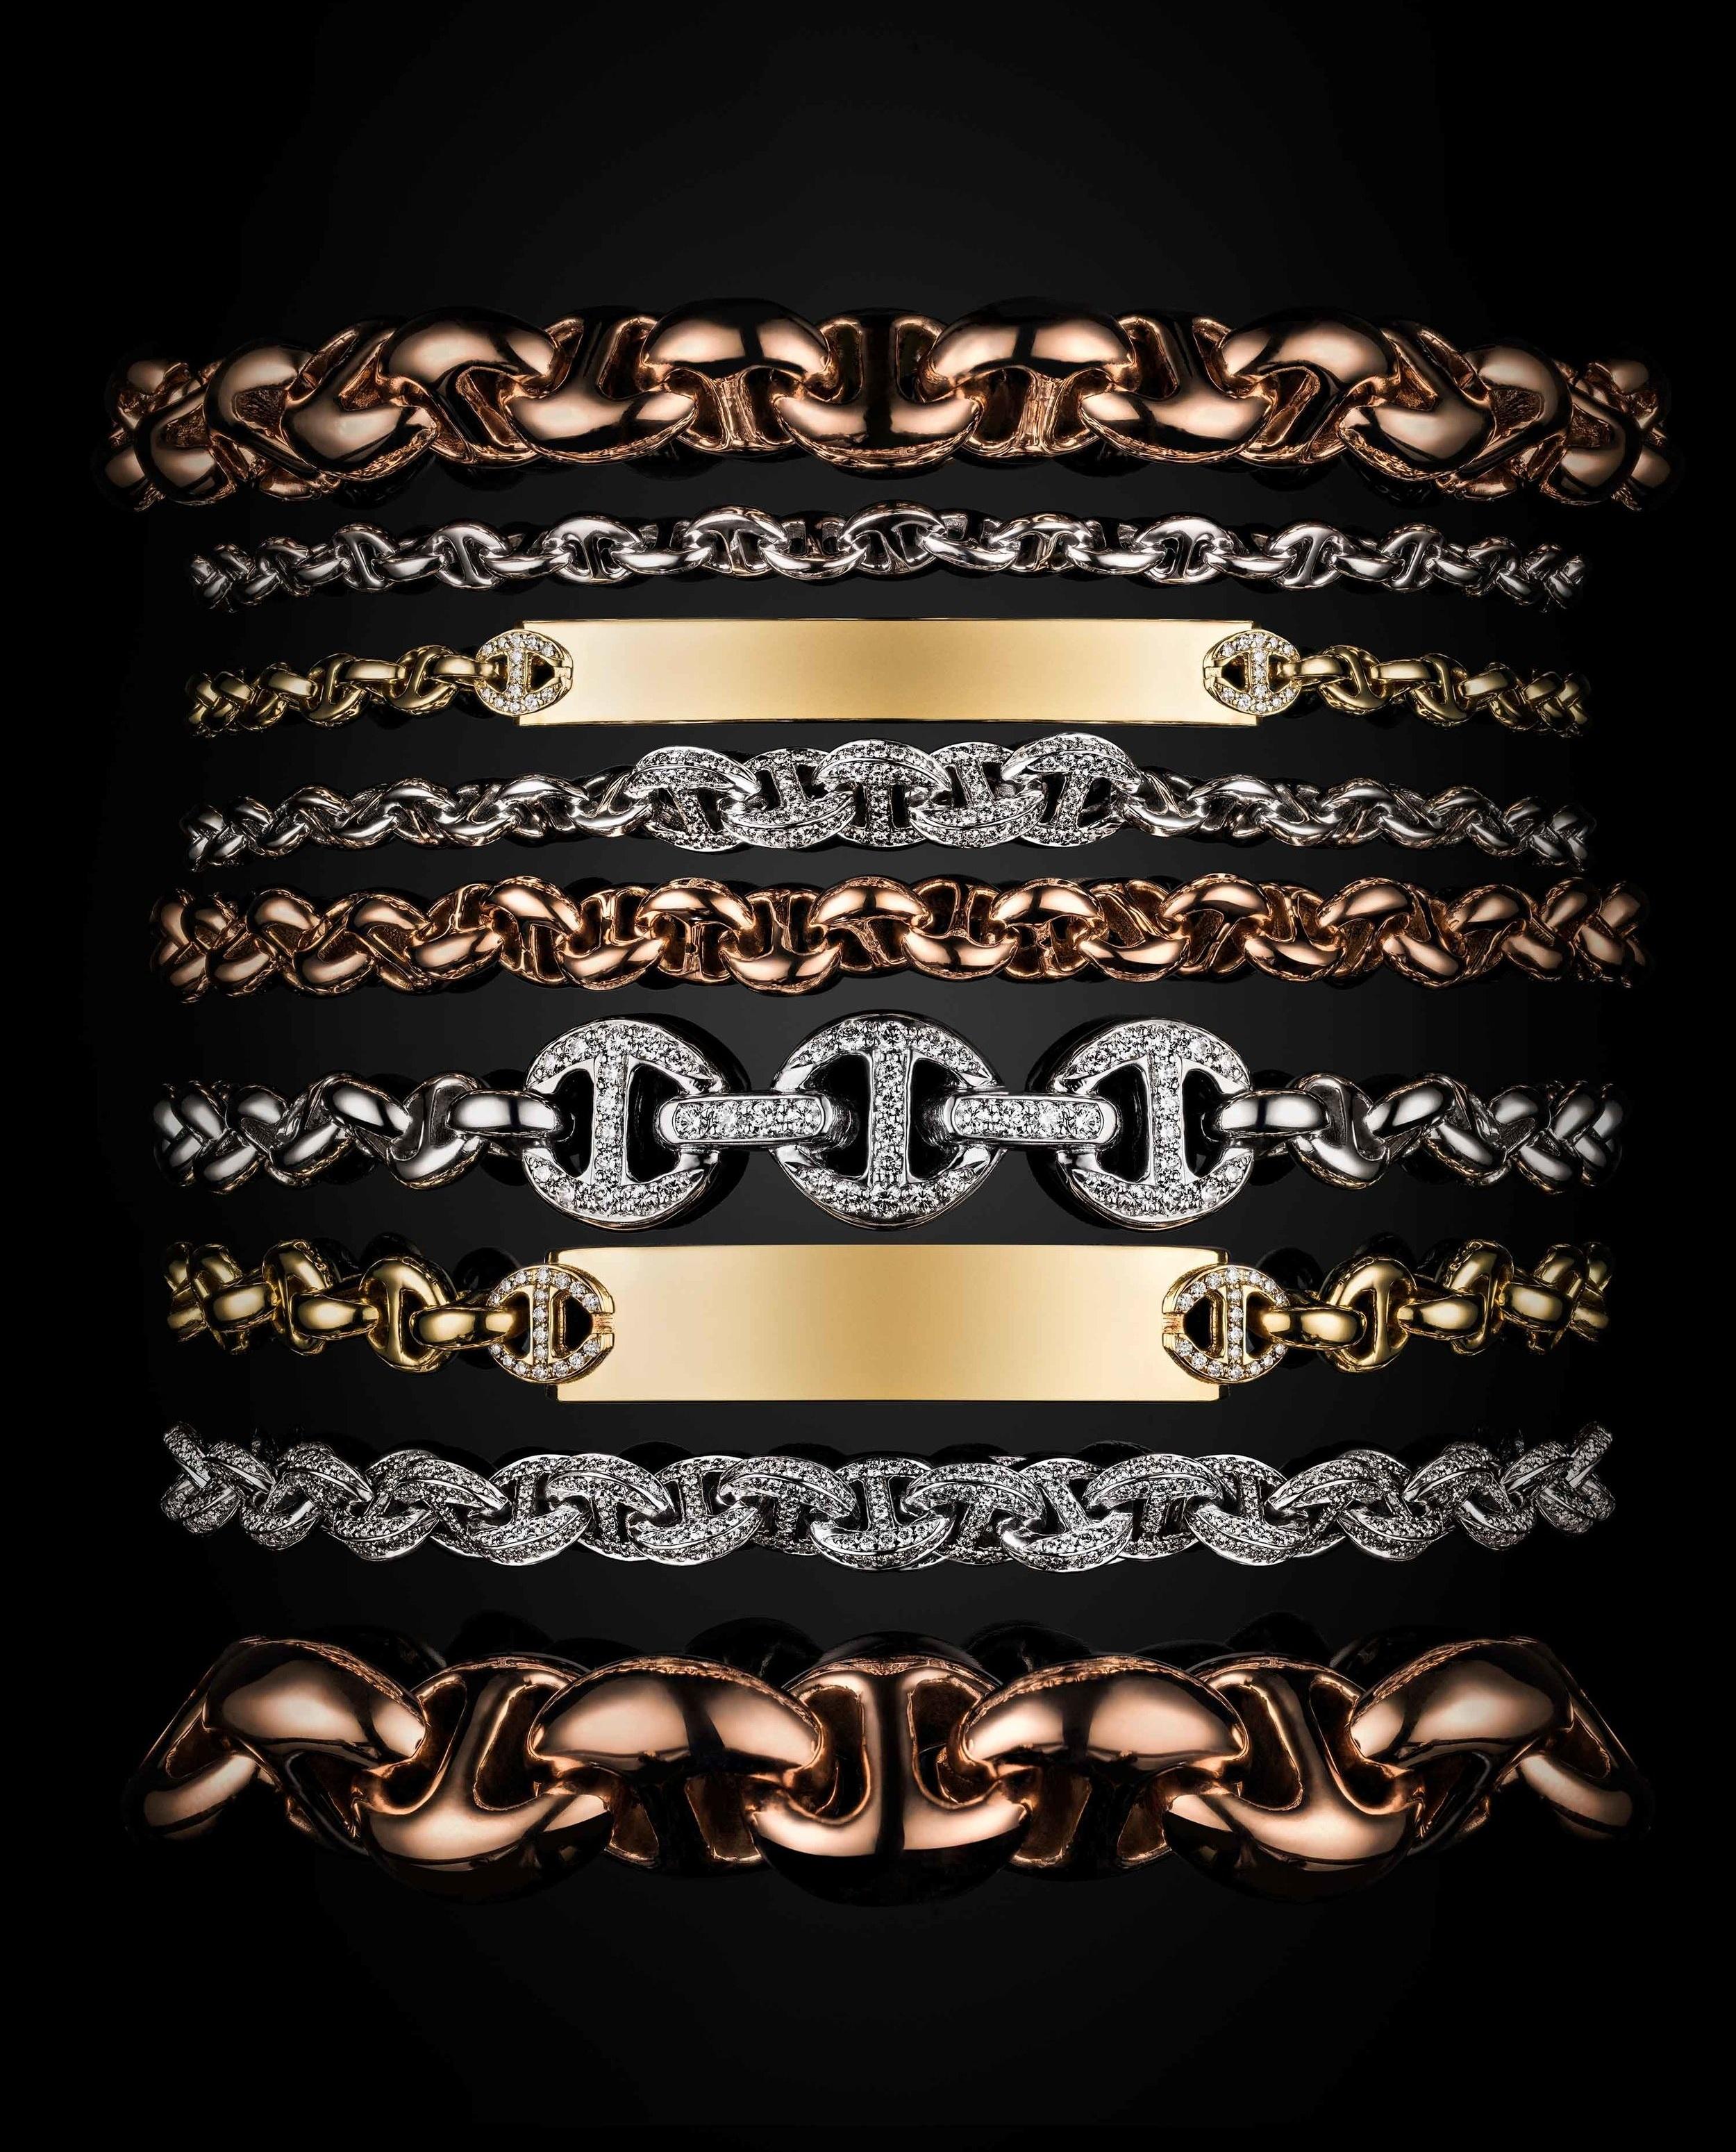 Bracelets-Assortment.jpg